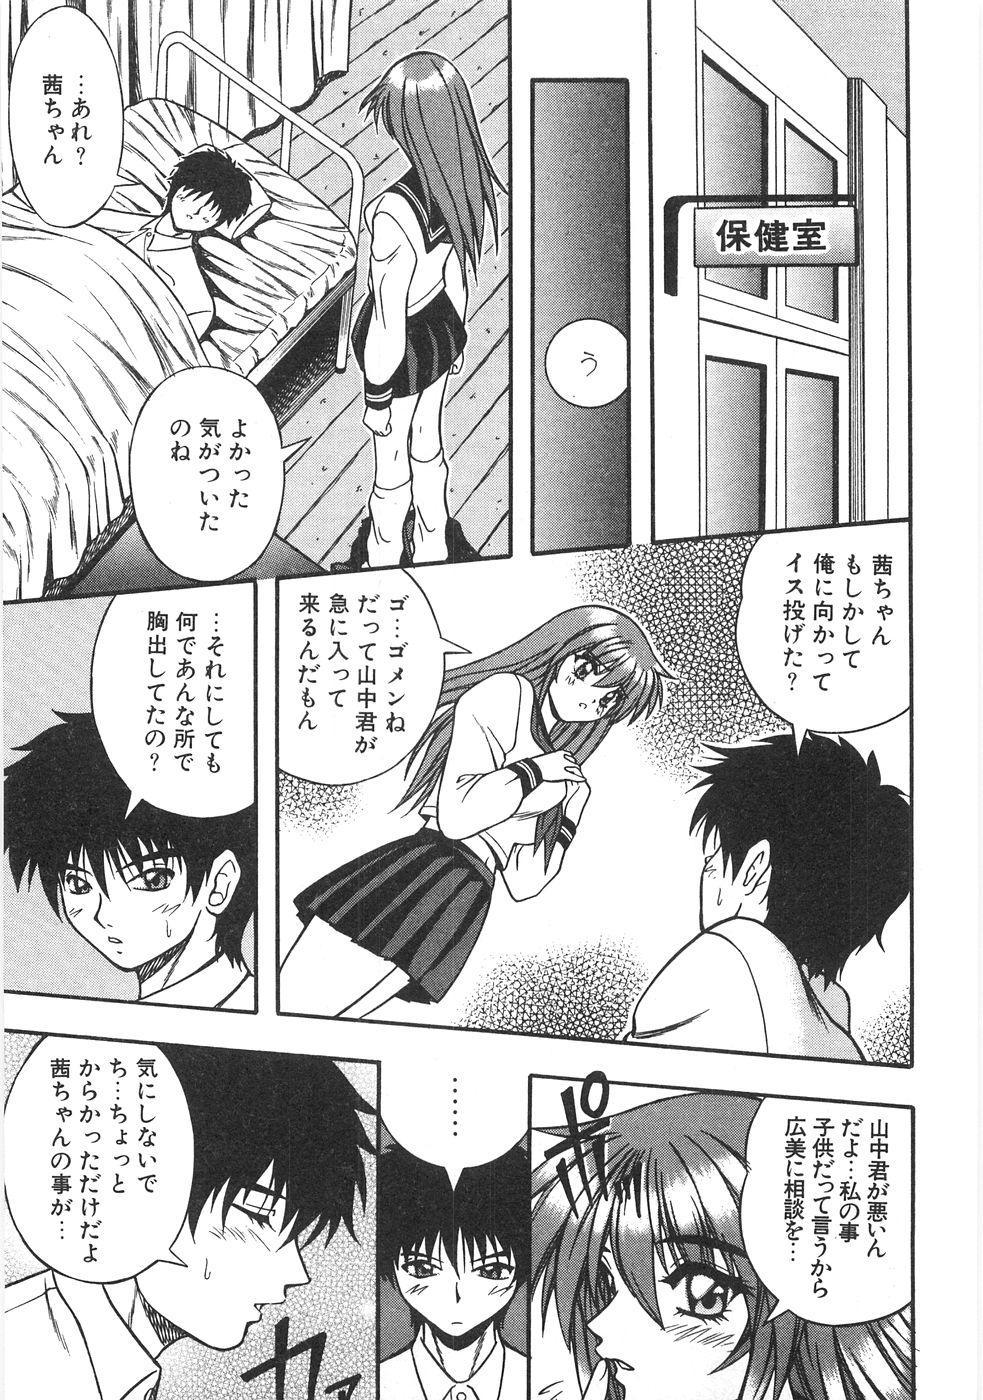 Seifuku Zukan Tenshi no Mitsugi 158